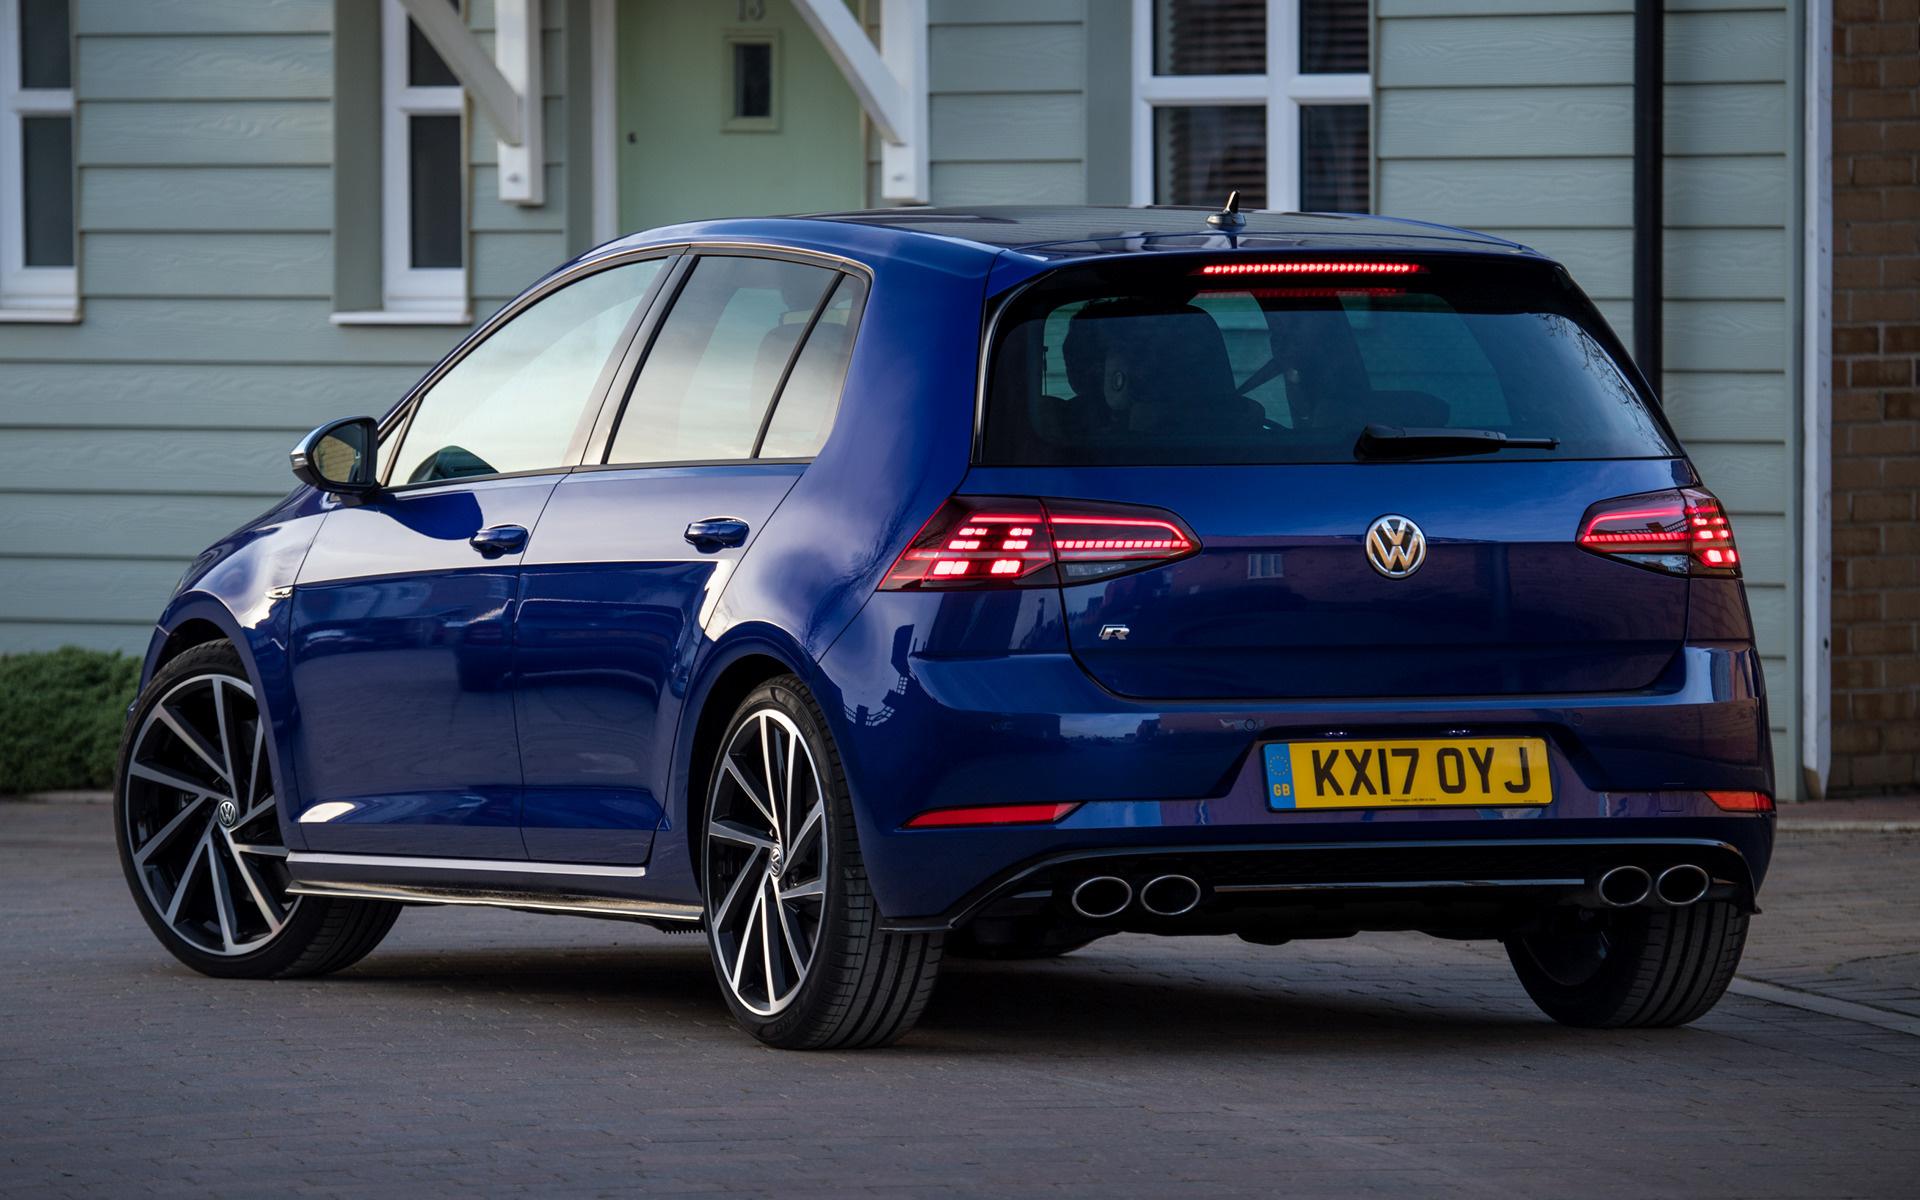 2017 Vw Jetta >> 2017 Volkswagen Golf R 5-door (UK) - Wallpapers and HD ...